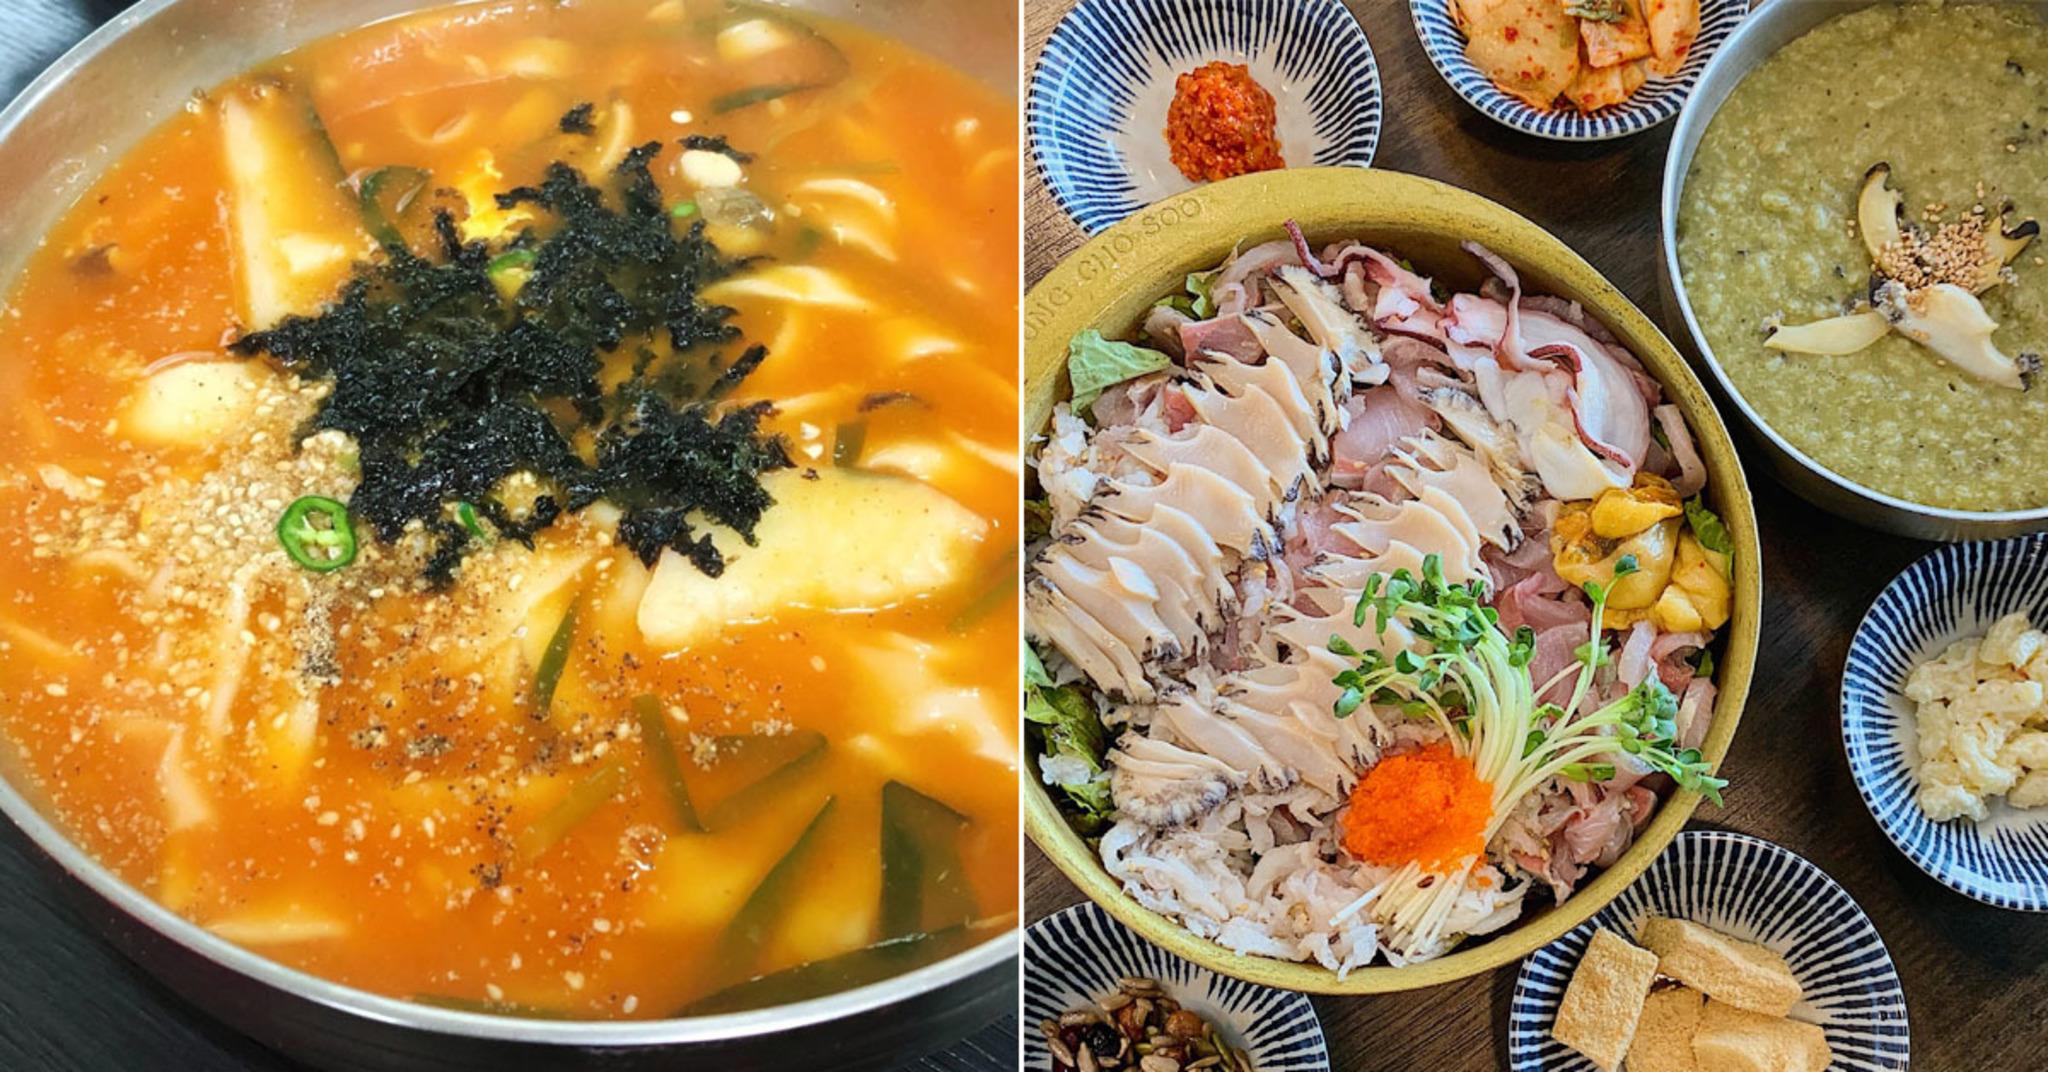 가을여행은 여기! 강원도 강릉·속초 맛집 8곳 사진 - 단풍놀이도 식후경이랬다!